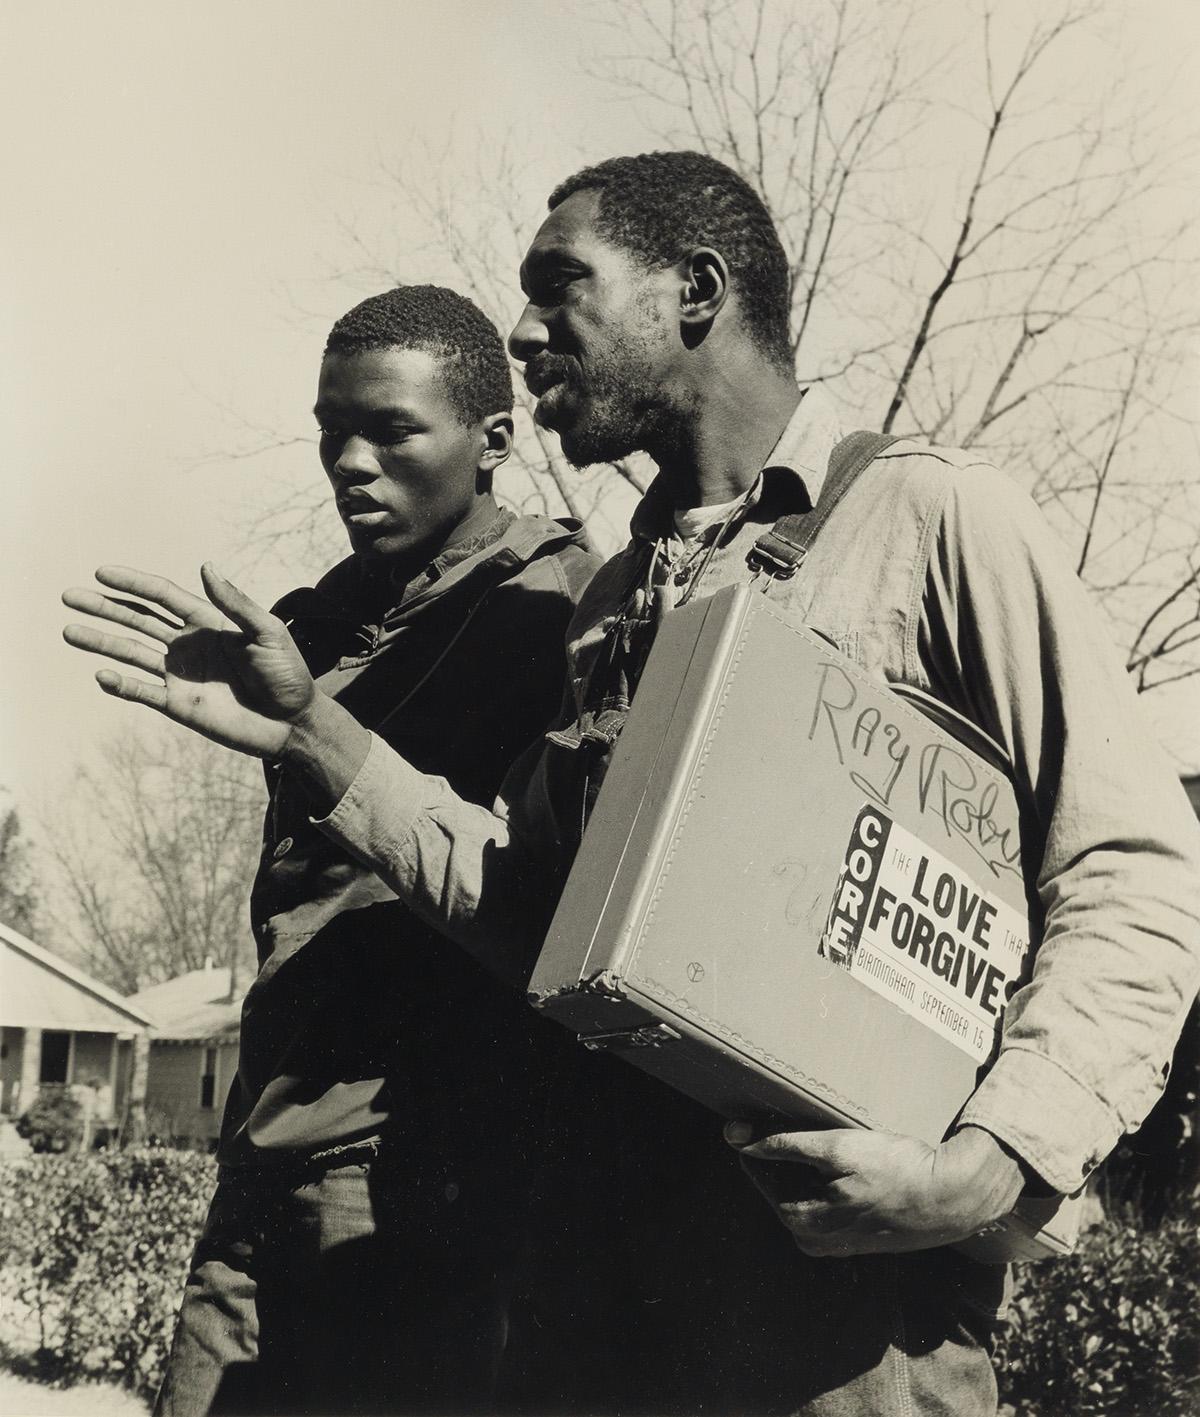 CONSUELO-KANAGA-(1894-1978)-Peace-and-Freedom-Walkers-Albany